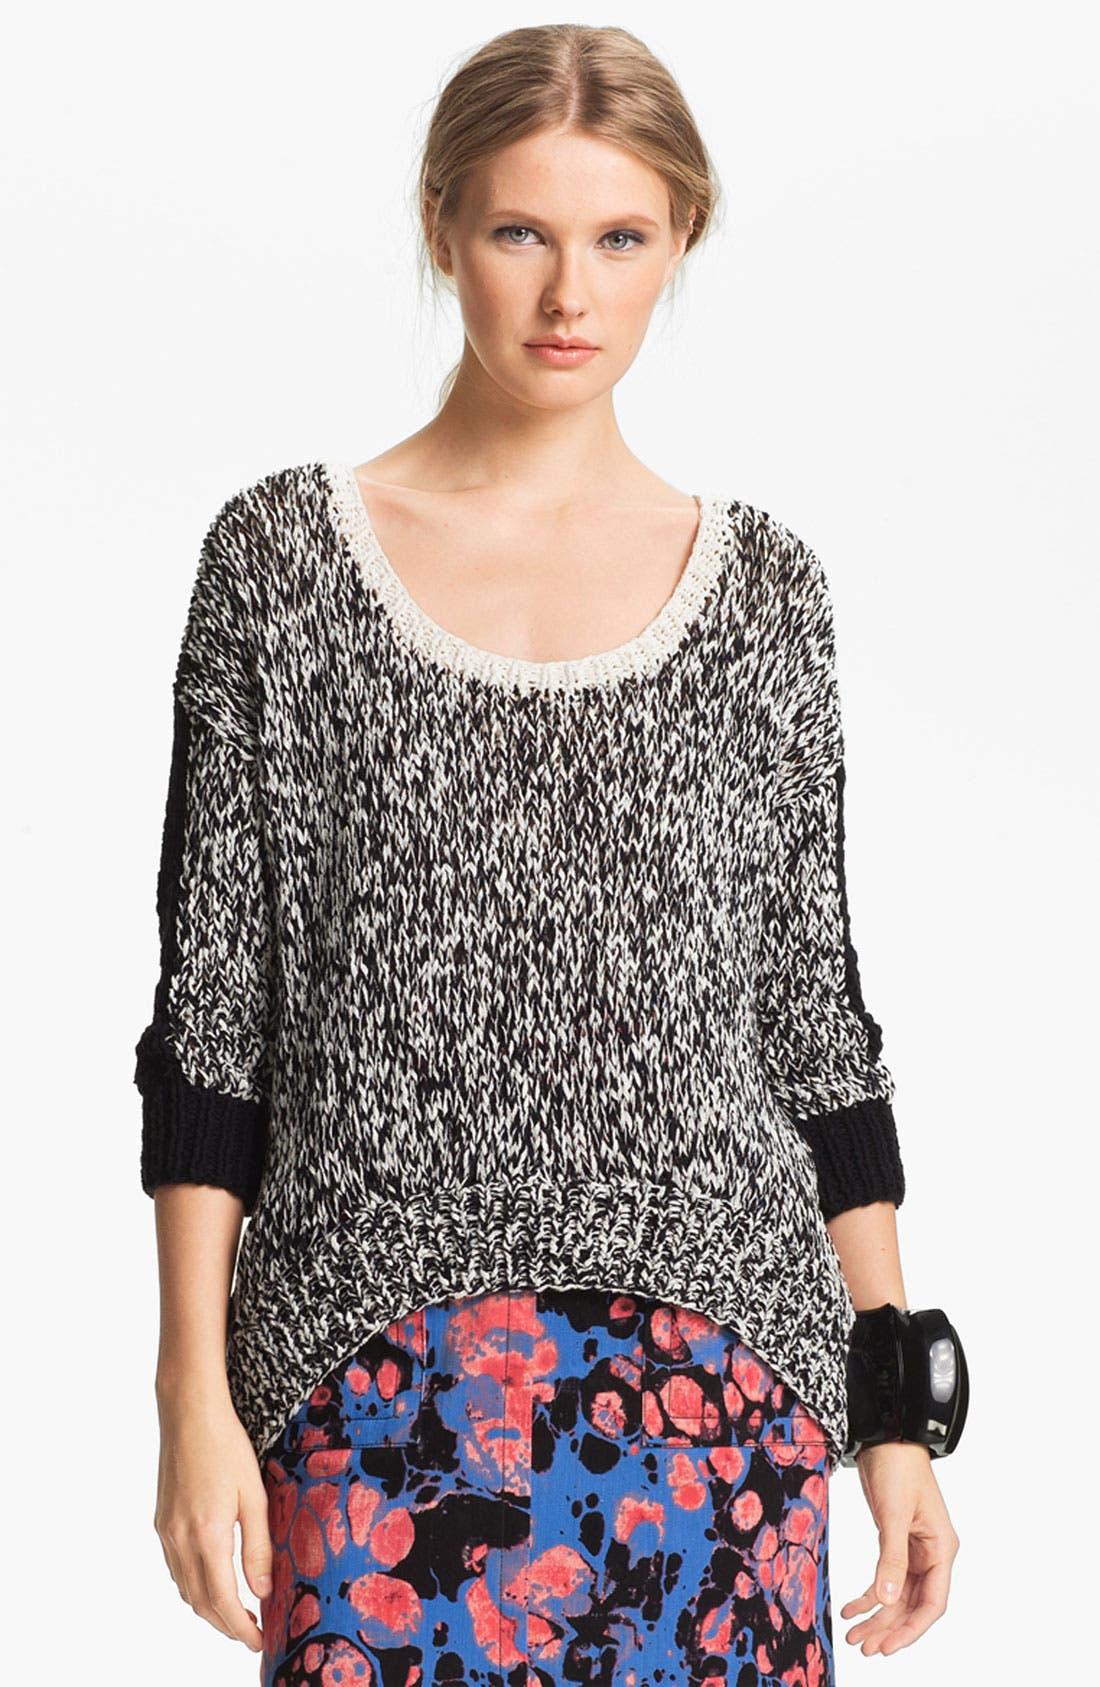 Alternate Image 1 Selected - Kelly Wearstler Sweater & Skirt